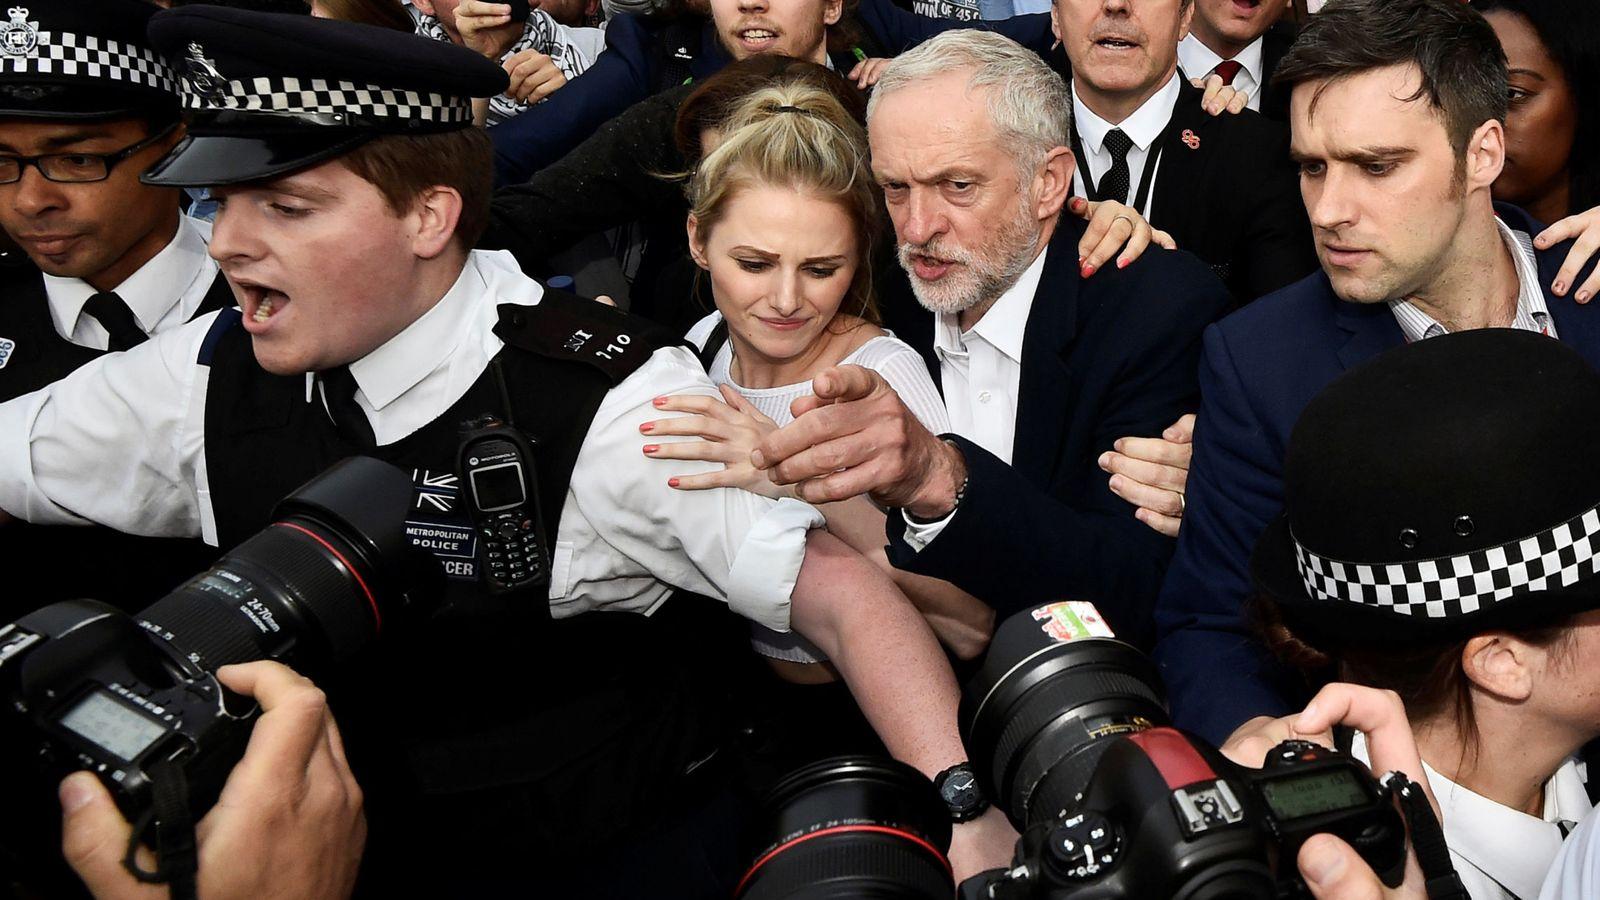 Foto: El líder del Partido Laborista Jeremy Corbyn llega a un mitin del partido en el centro de Londres (Reuters).